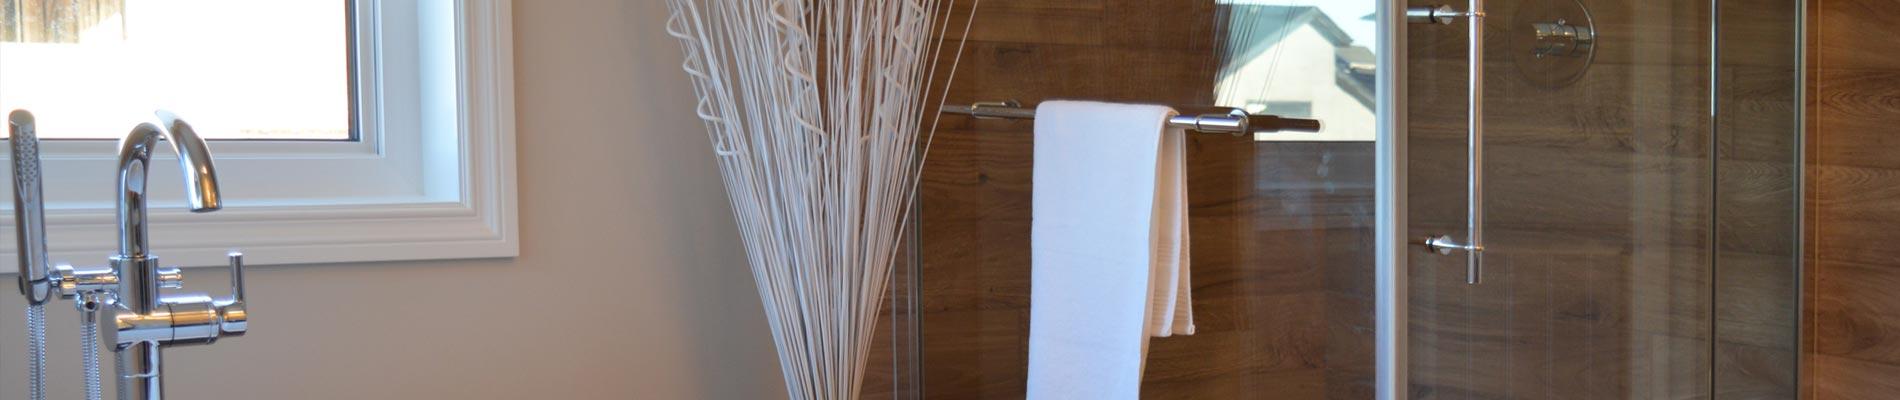 Eine Küche vom Schreiner – Müller Werkstätte